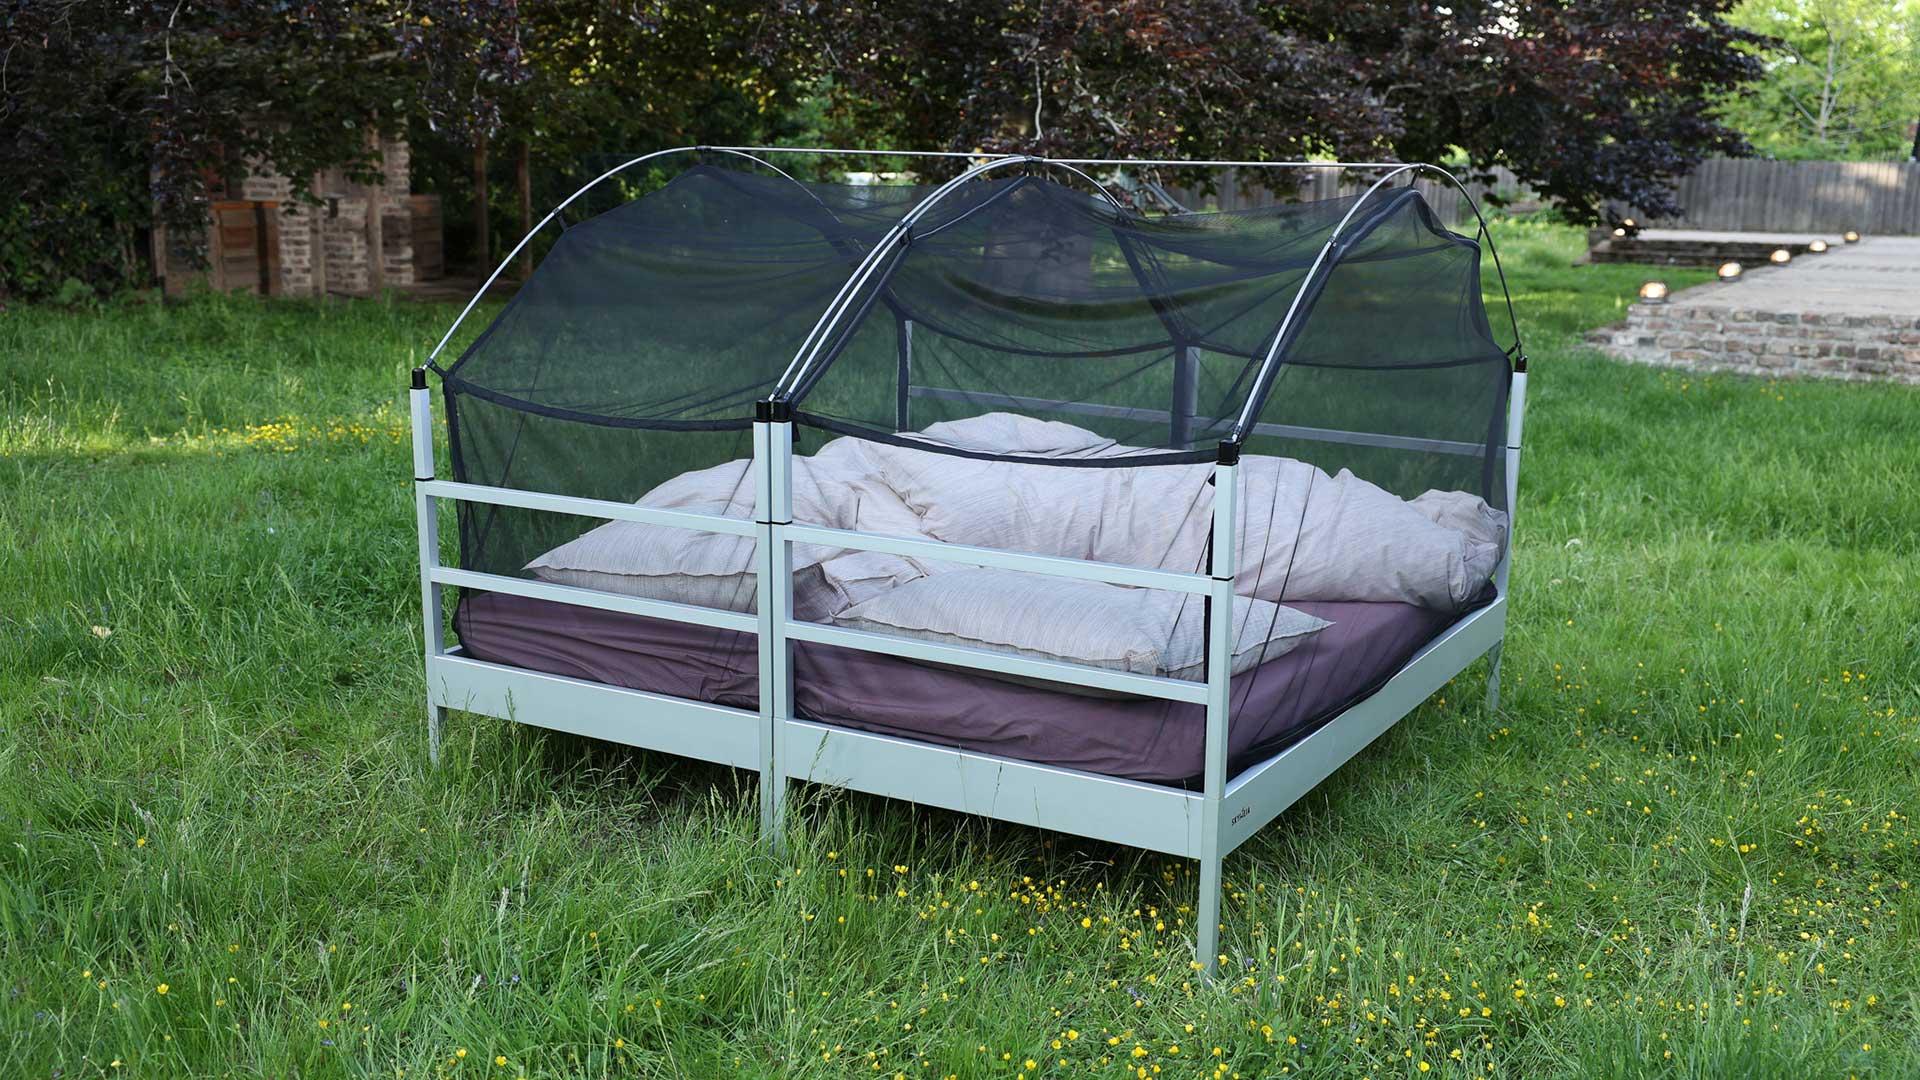 Das Bild zeigt zwei Outdoor-Betten vom Typ SkyHeia, die miteinander verbunden sind.